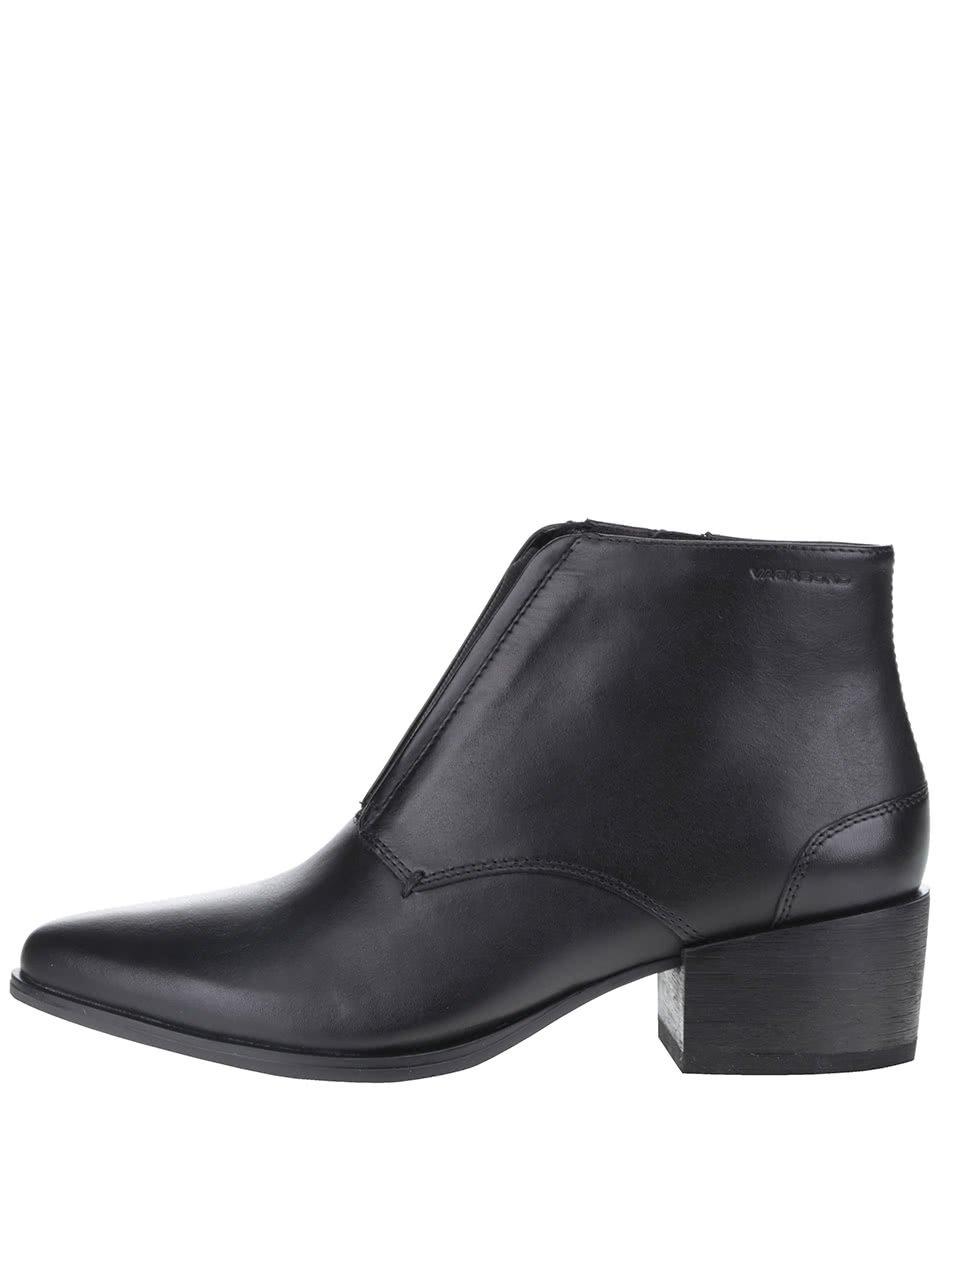 Černé dámské kožené kotníkové boty s gumovou vsadkou Vagabond Marja